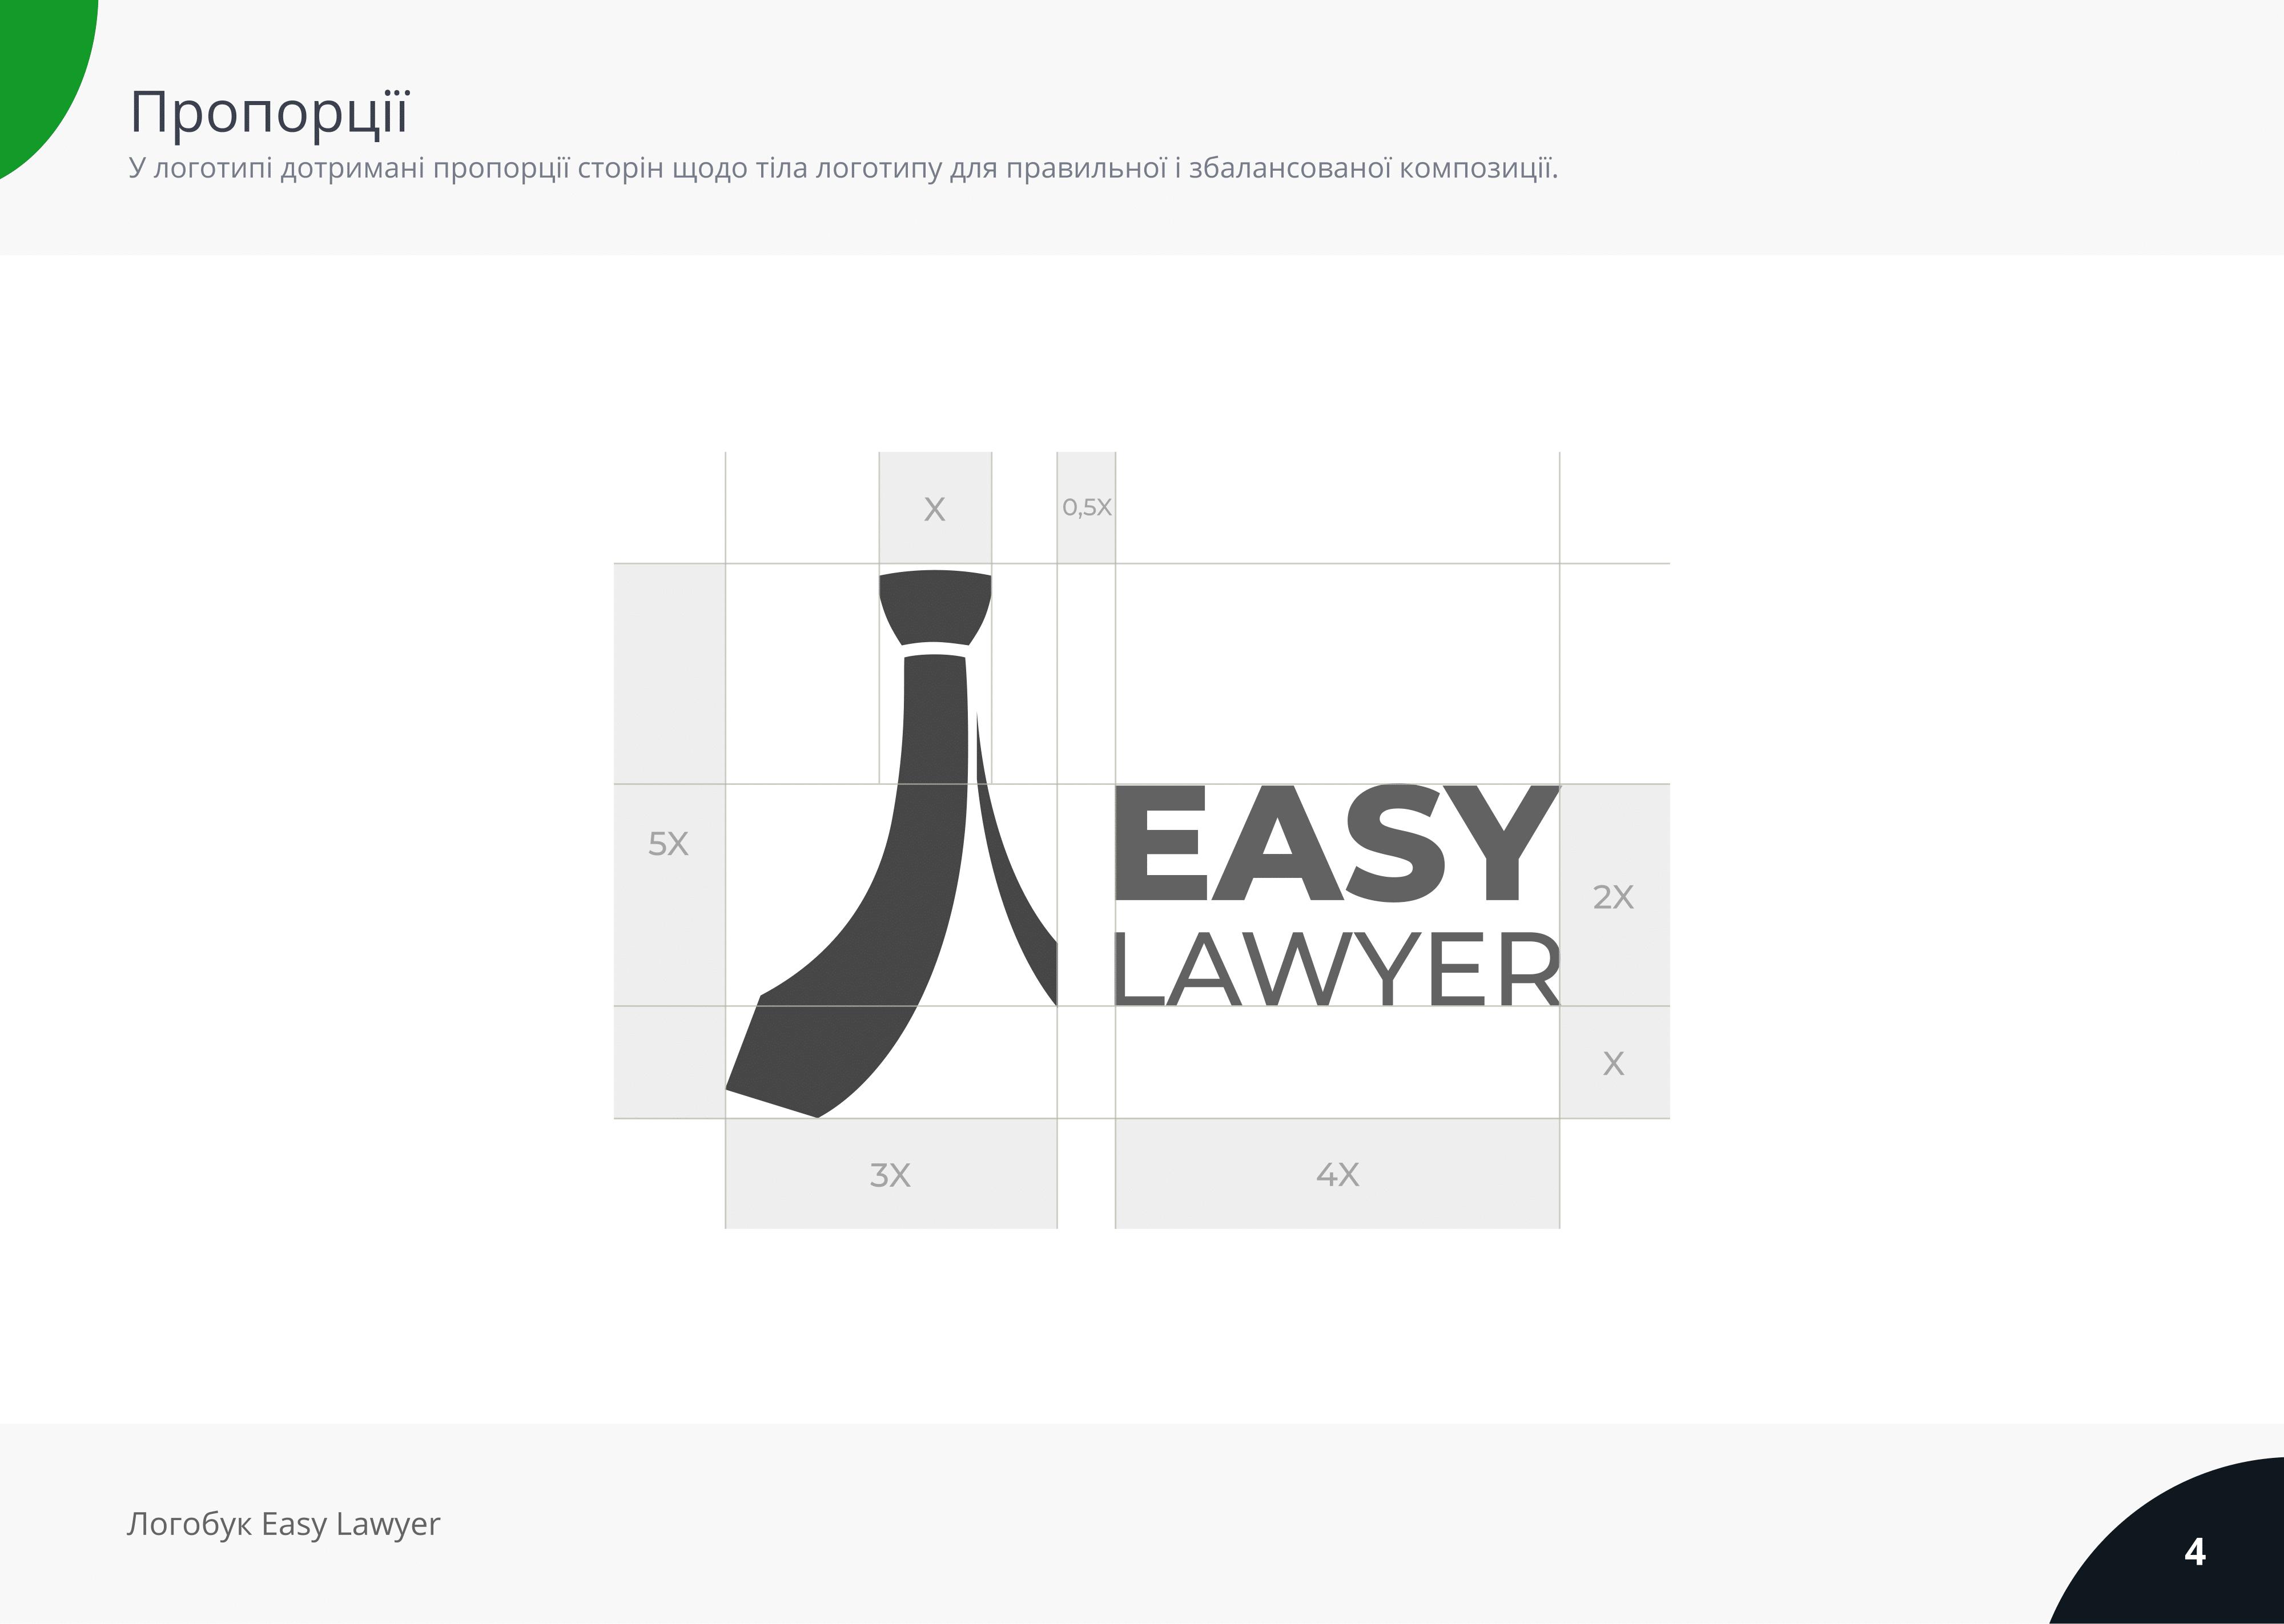 Easy Lawyer (Logobook)-04